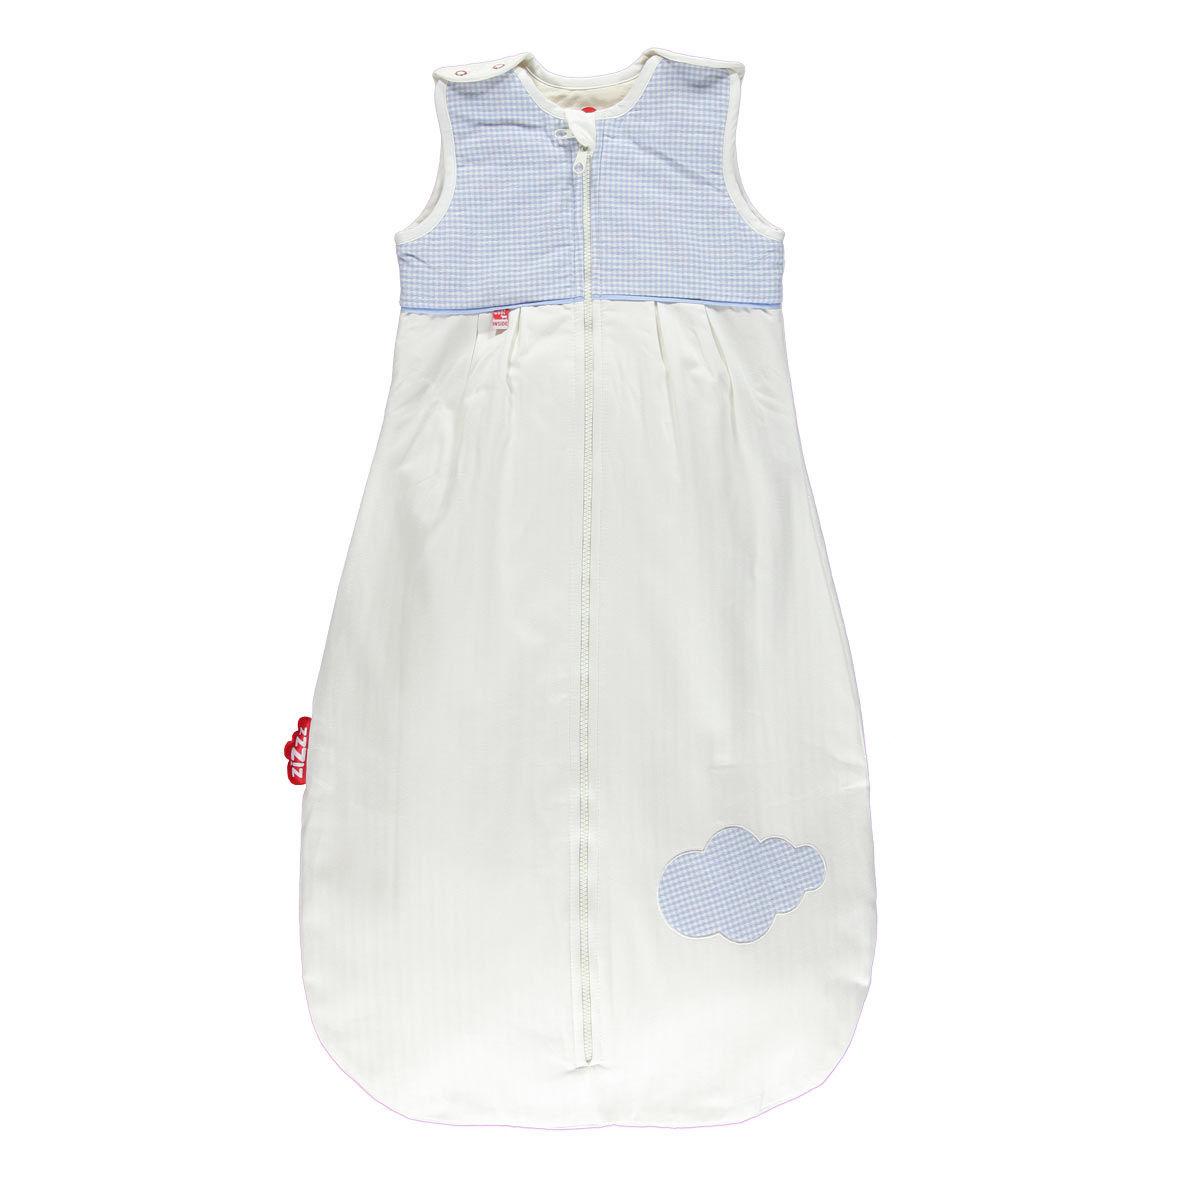 Babyschlafsack Swisswool von Zizzz, blau, 6-24 Monate